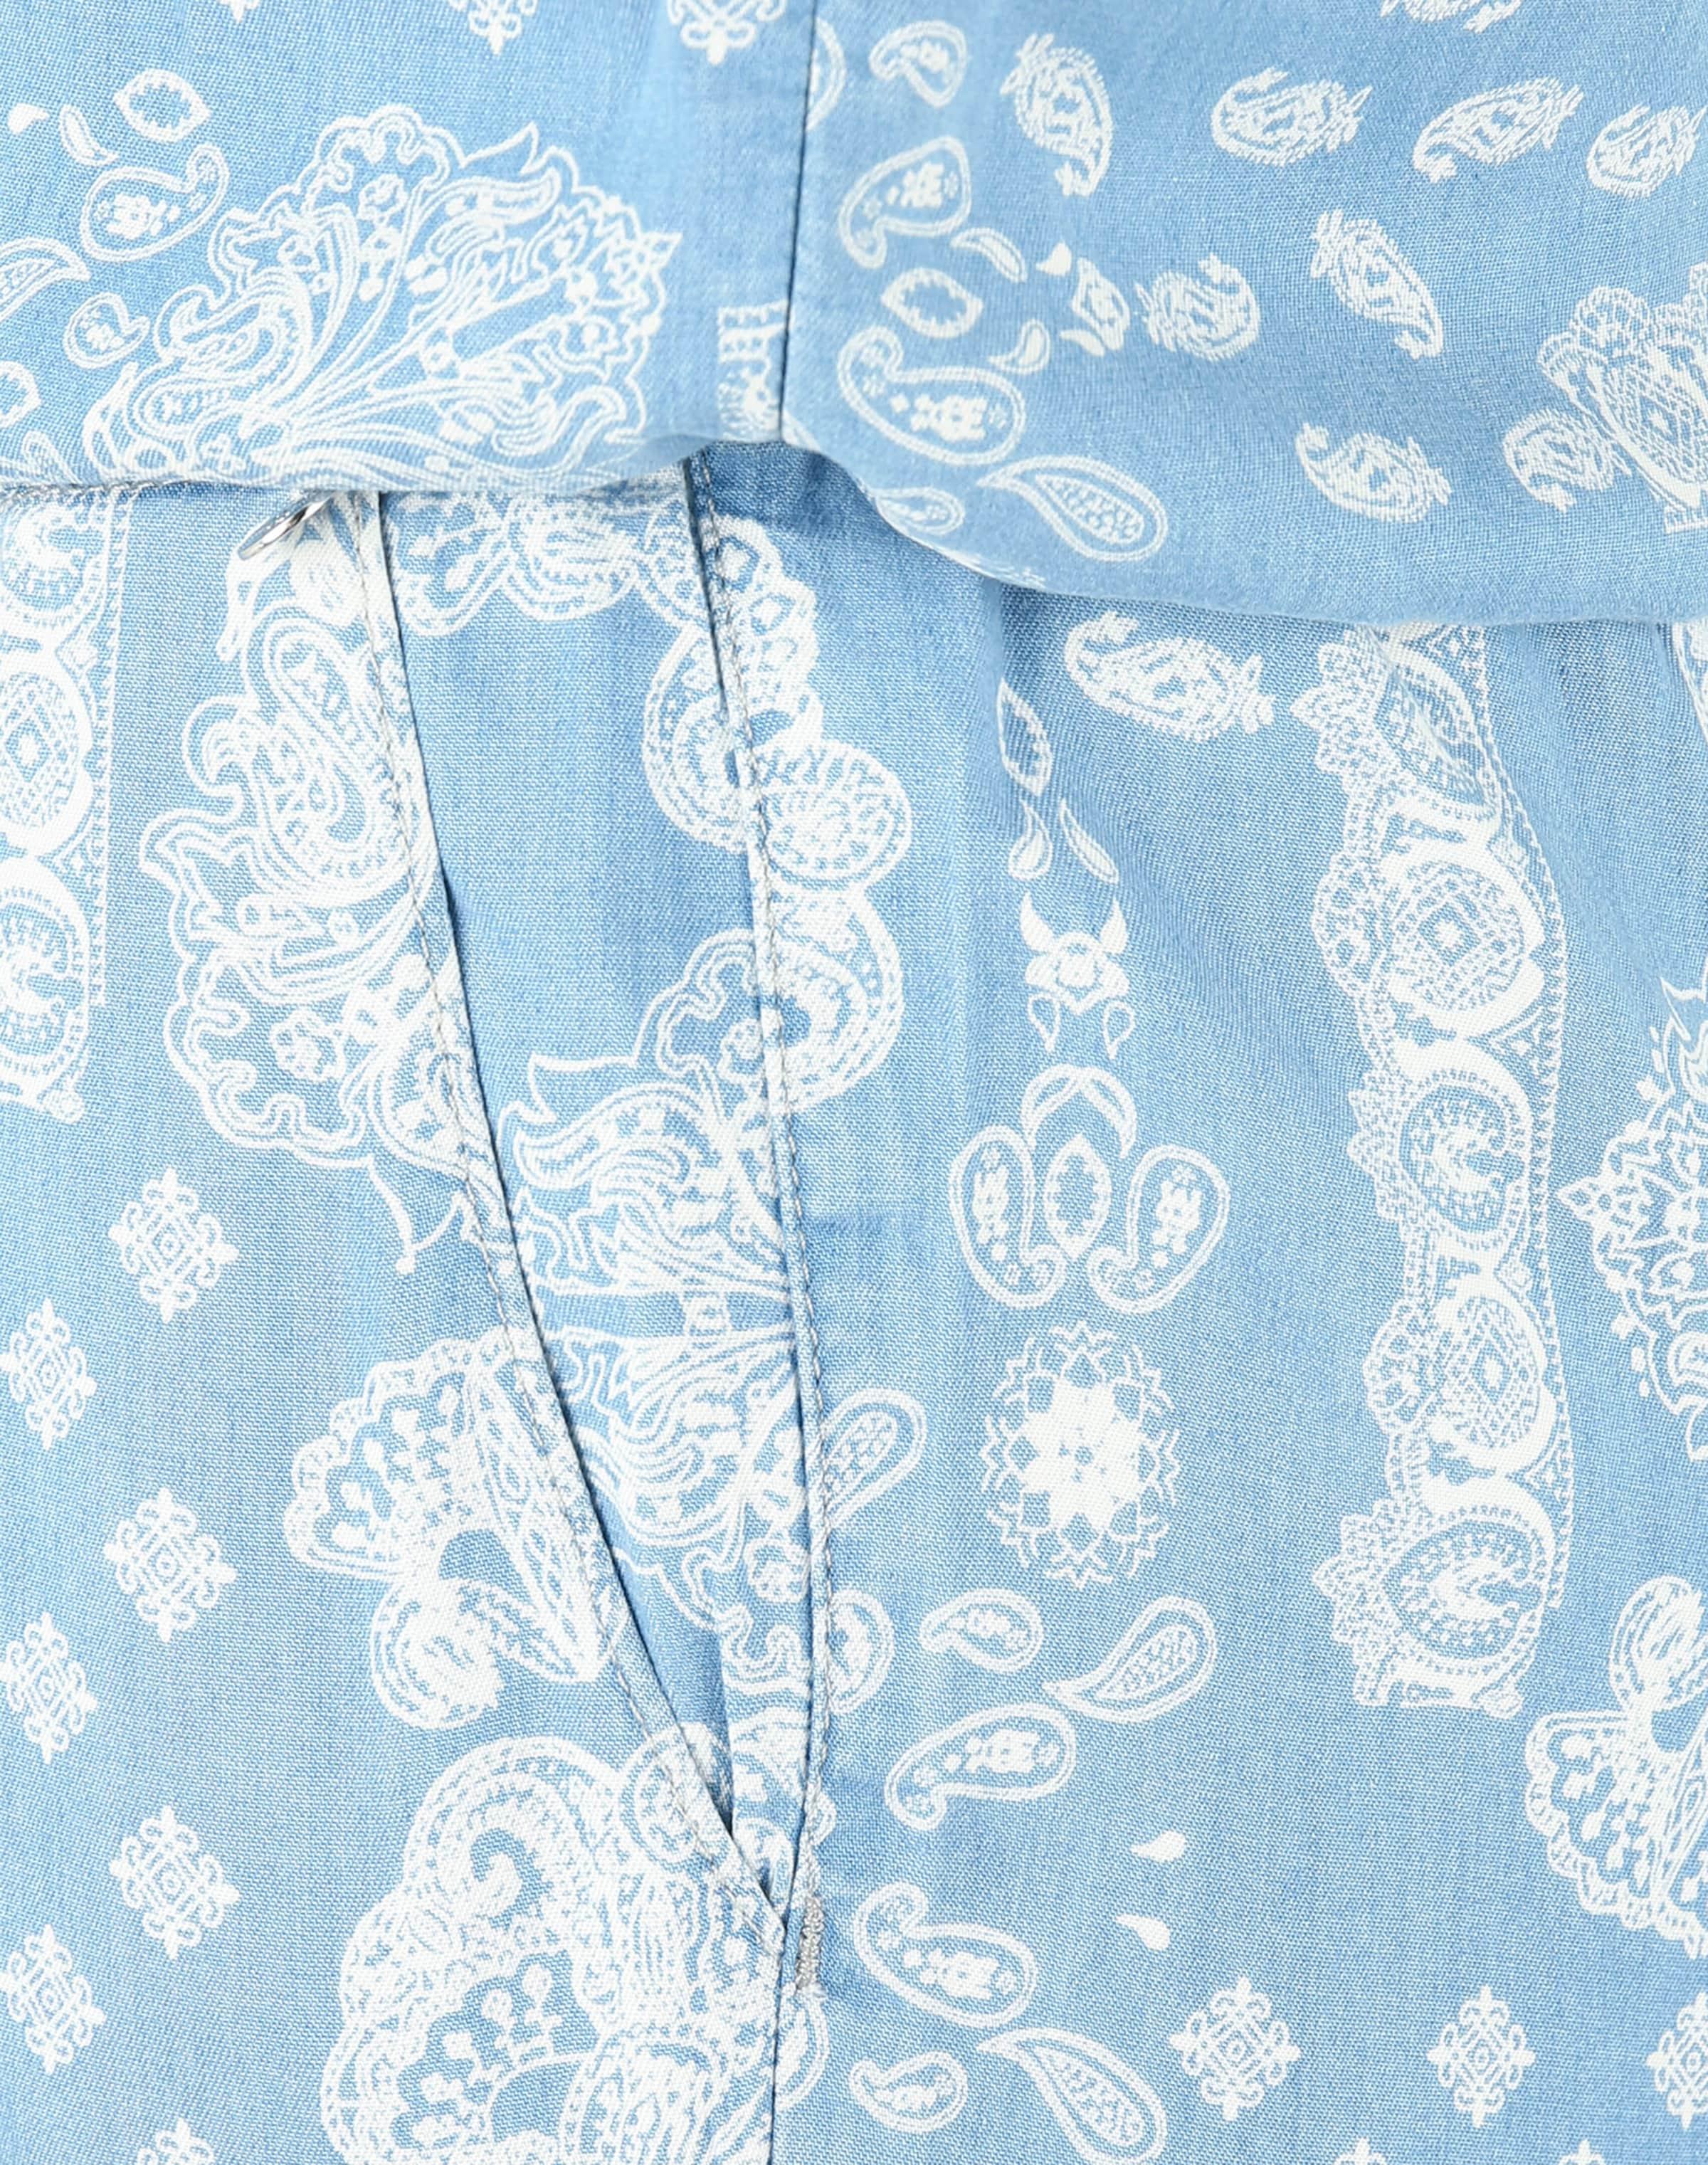 Spielfrei Versand Rabatt Kaufen Rich & Royal Jumpsuit mit Paisley-Muster PONnJp